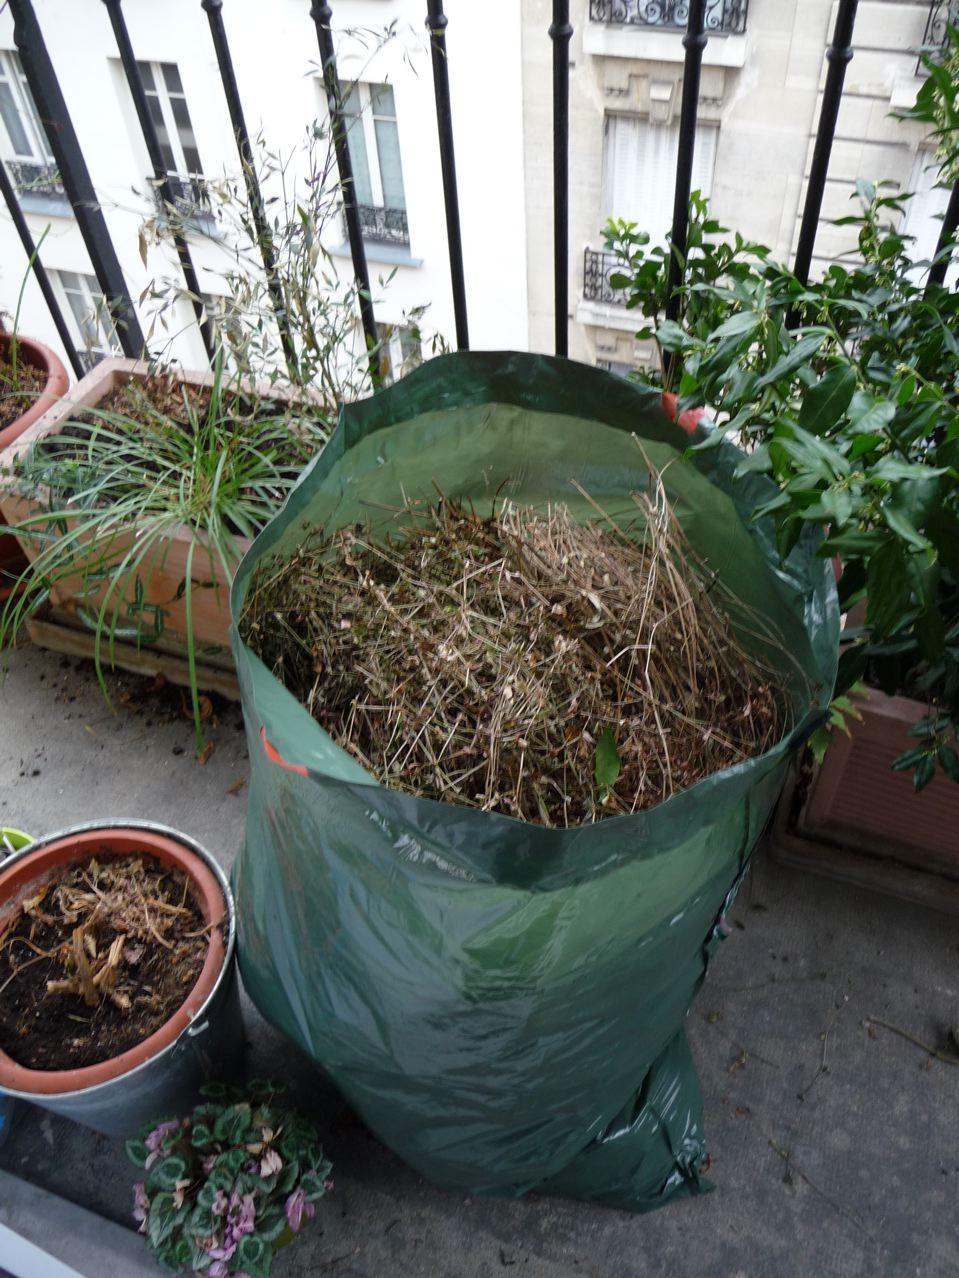 Grand nettoyage de fin d'hiver sur balcon